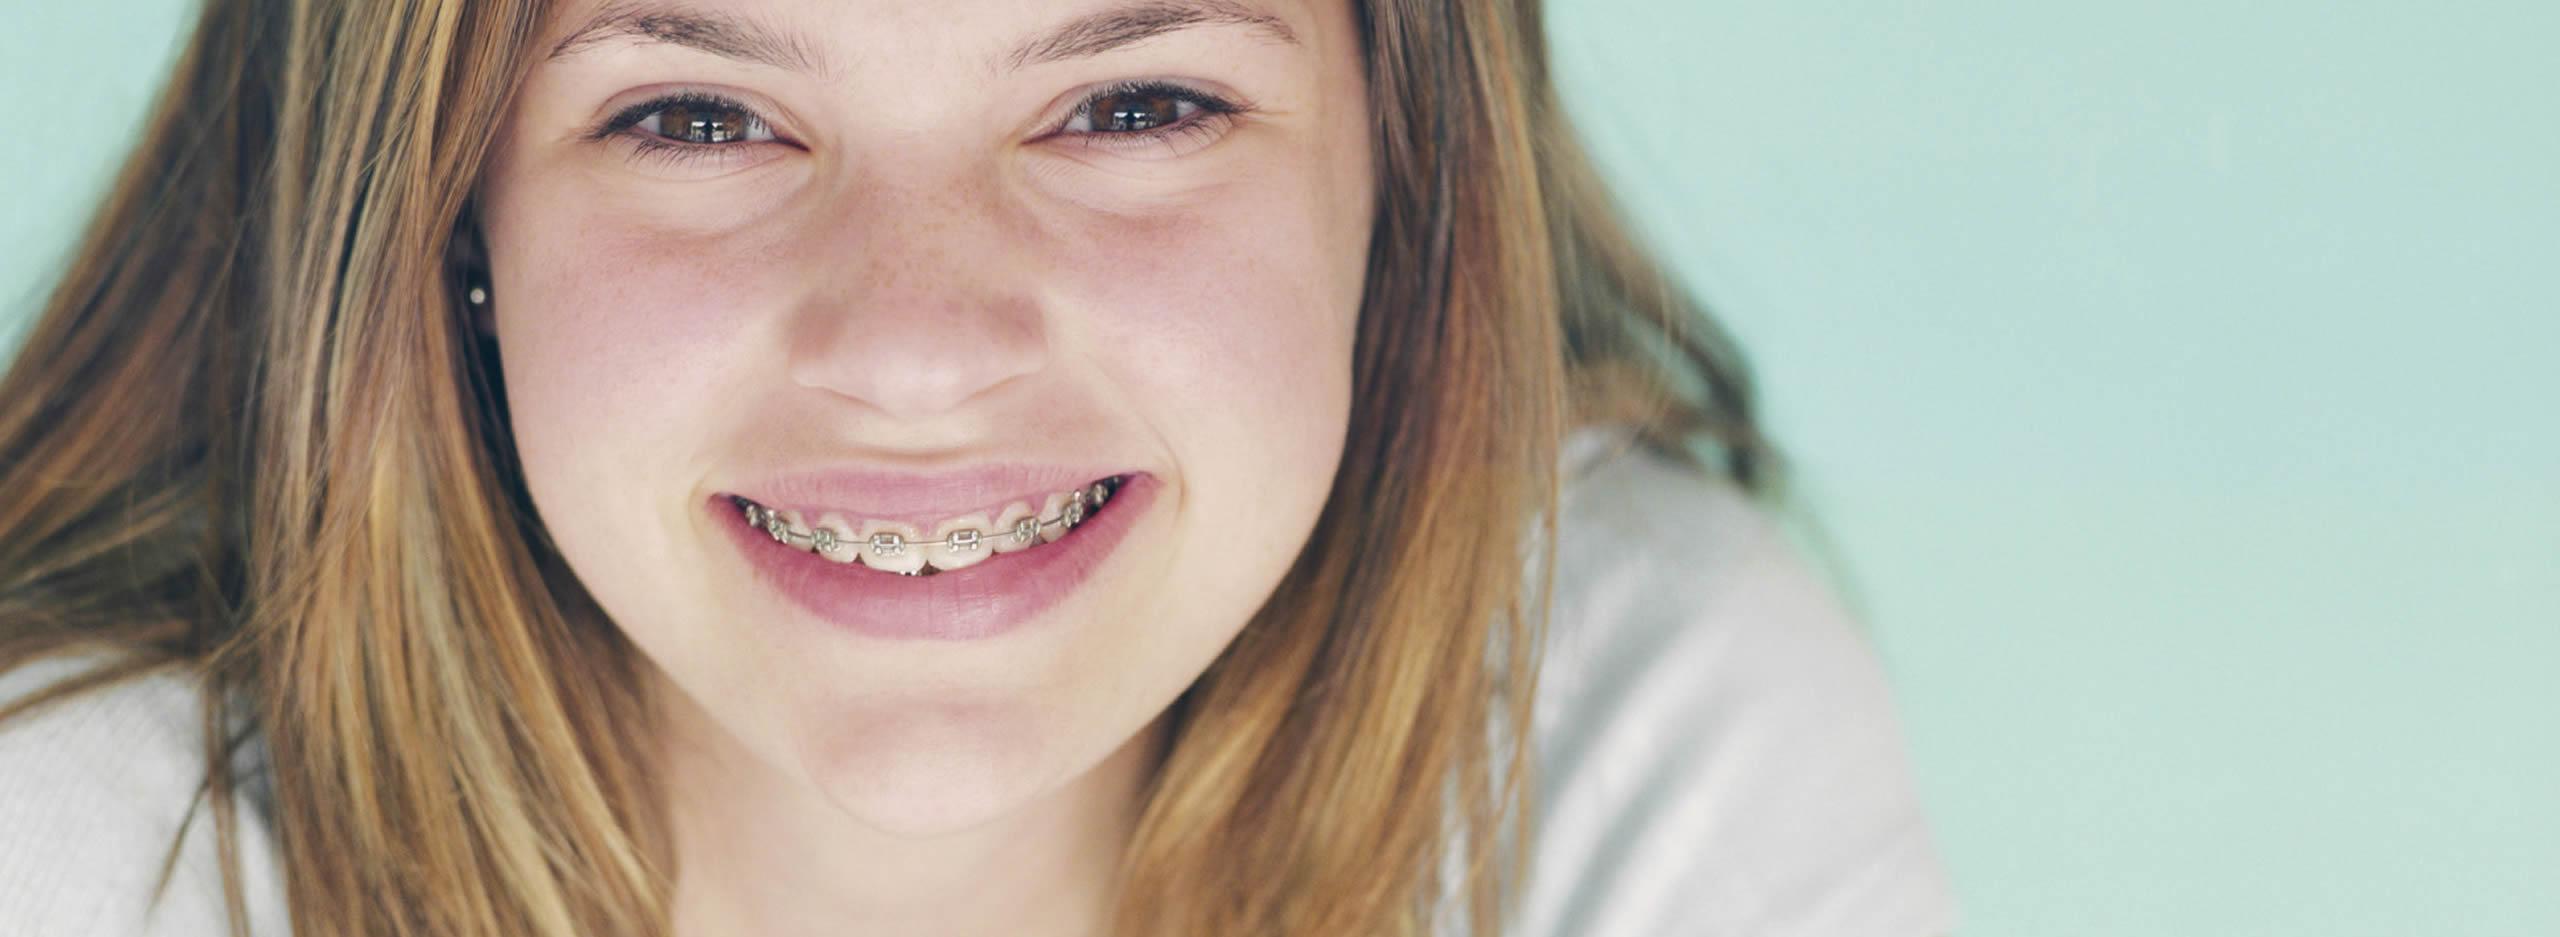 L'orthodontie accessible, ça change la vie !